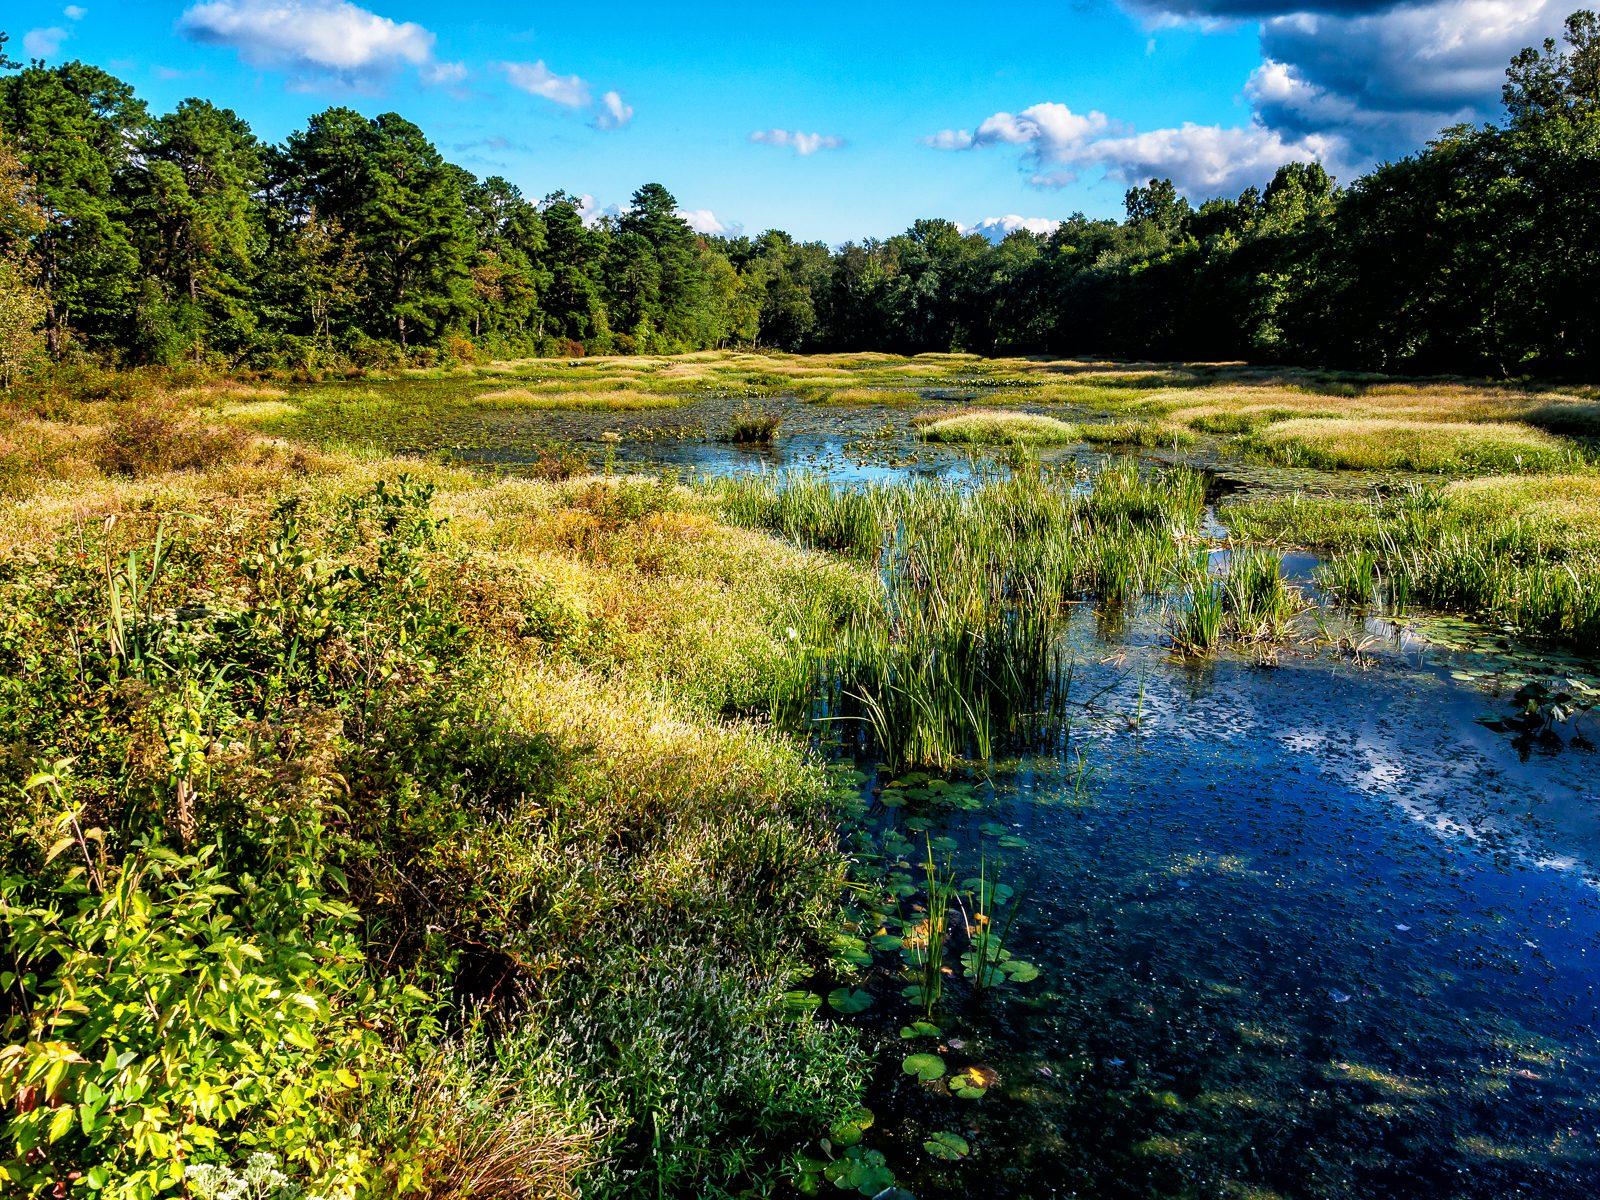 jackson-meadows-landscape-2